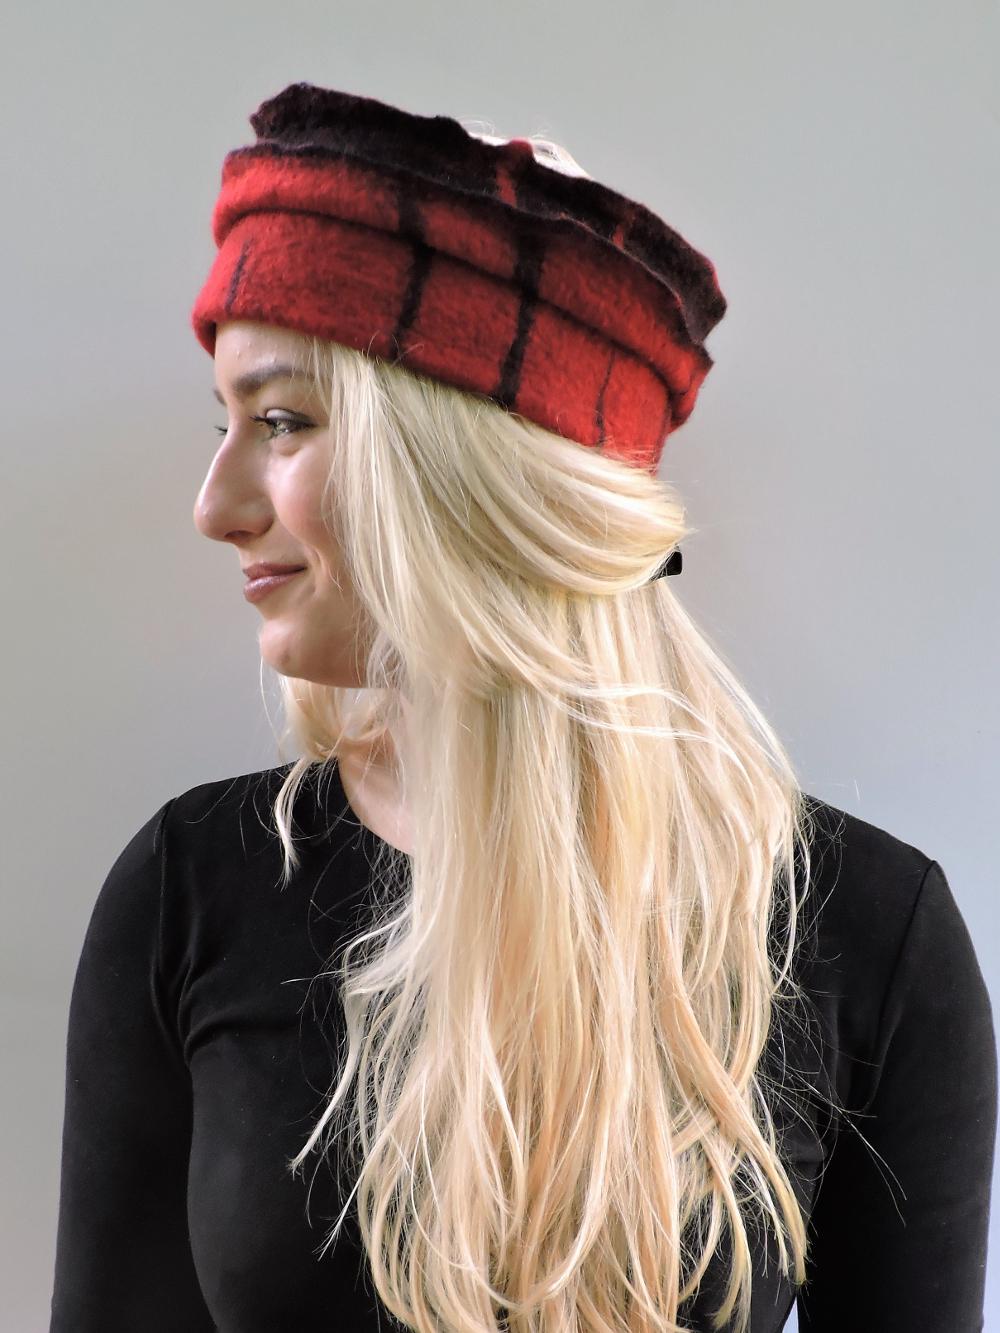 Handgevilte hoofdband van merinowol Charlotte Molenaar Art.toWear